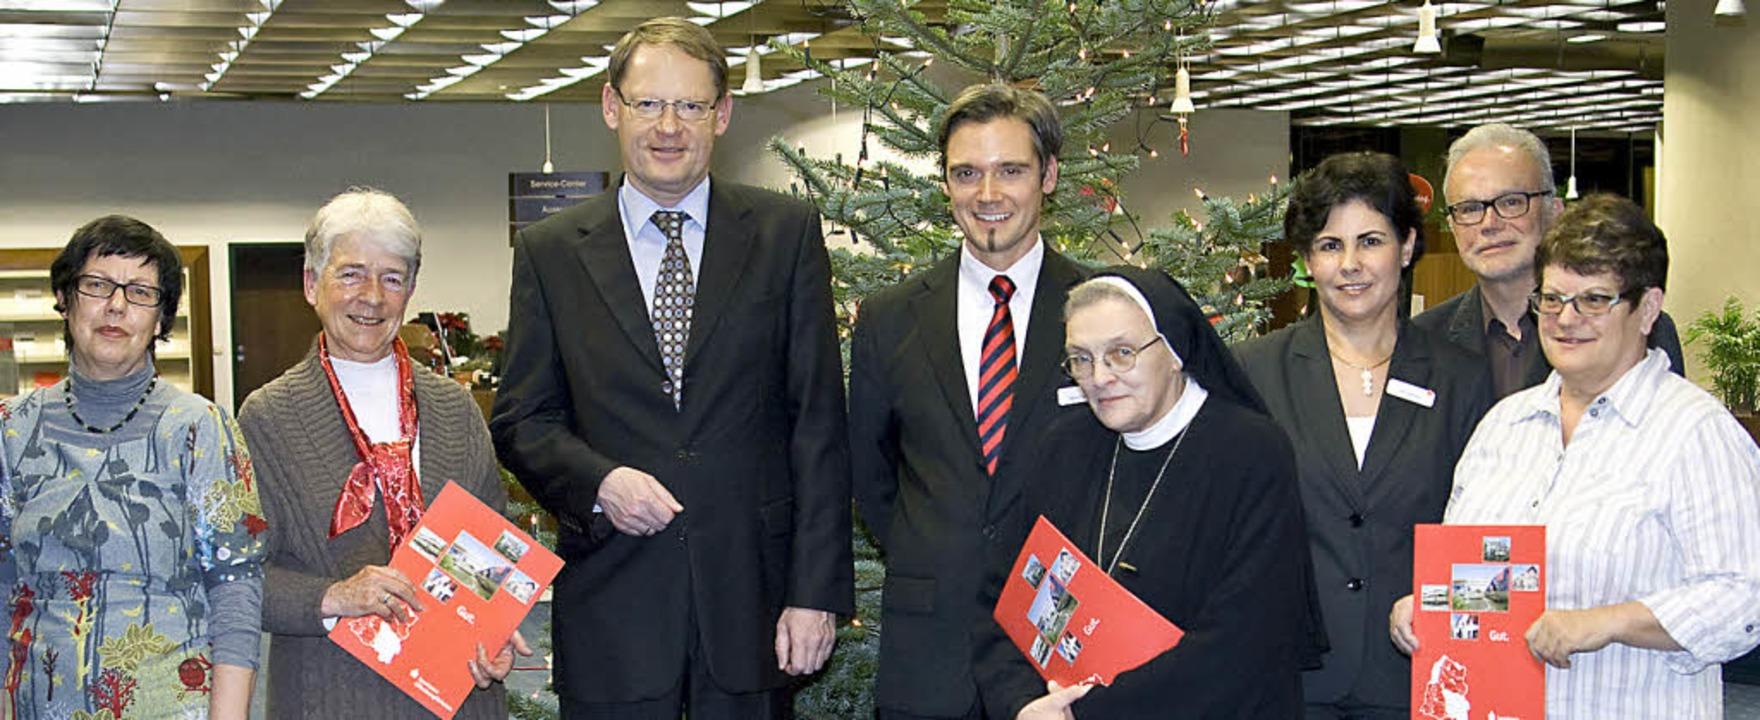 Spenden verteilt (von links): Kornelia...ea Gütle (Deutscher Kinderschutzbund)   | Foto: sparkasse